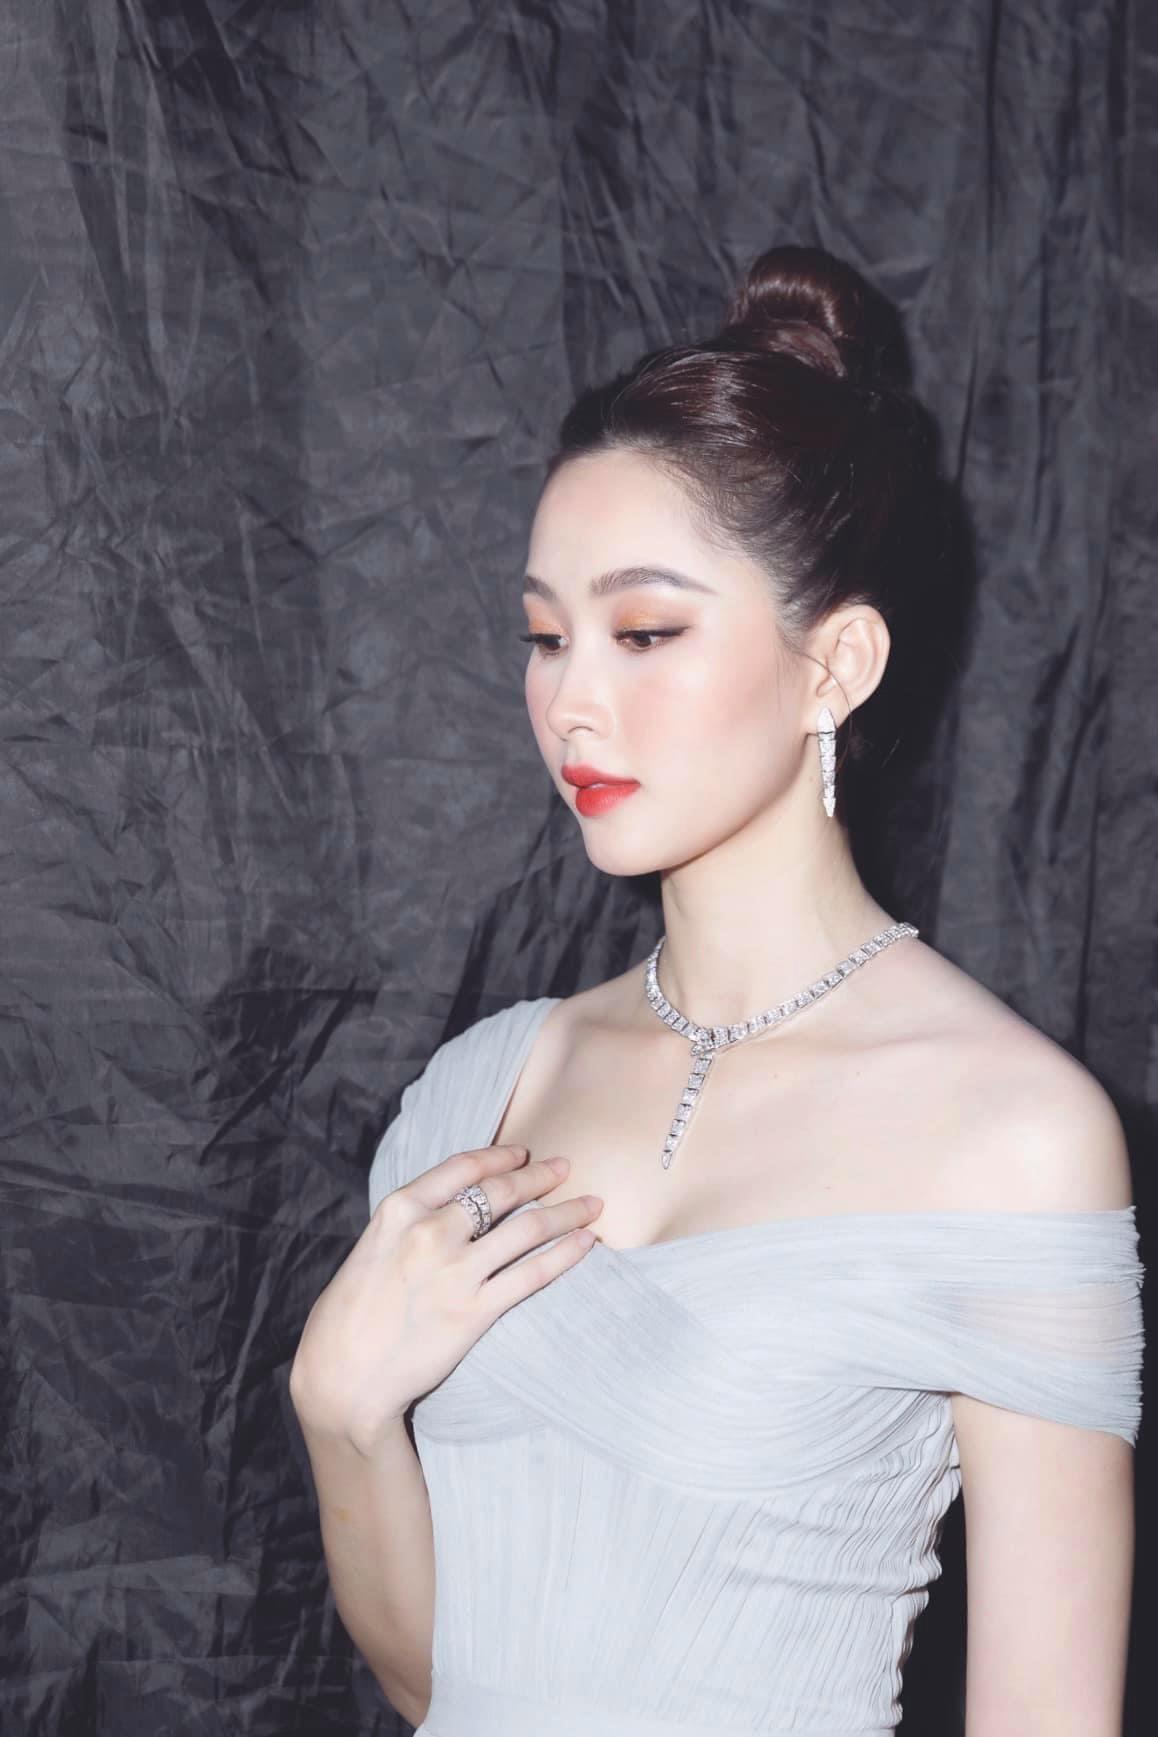 Sắc vóc Hoa hậu Đặng Thu Thảo sau 8 năm đăng quang, làm mẹ 2 con vẫn gây ngưỡng mộ ảnh 4